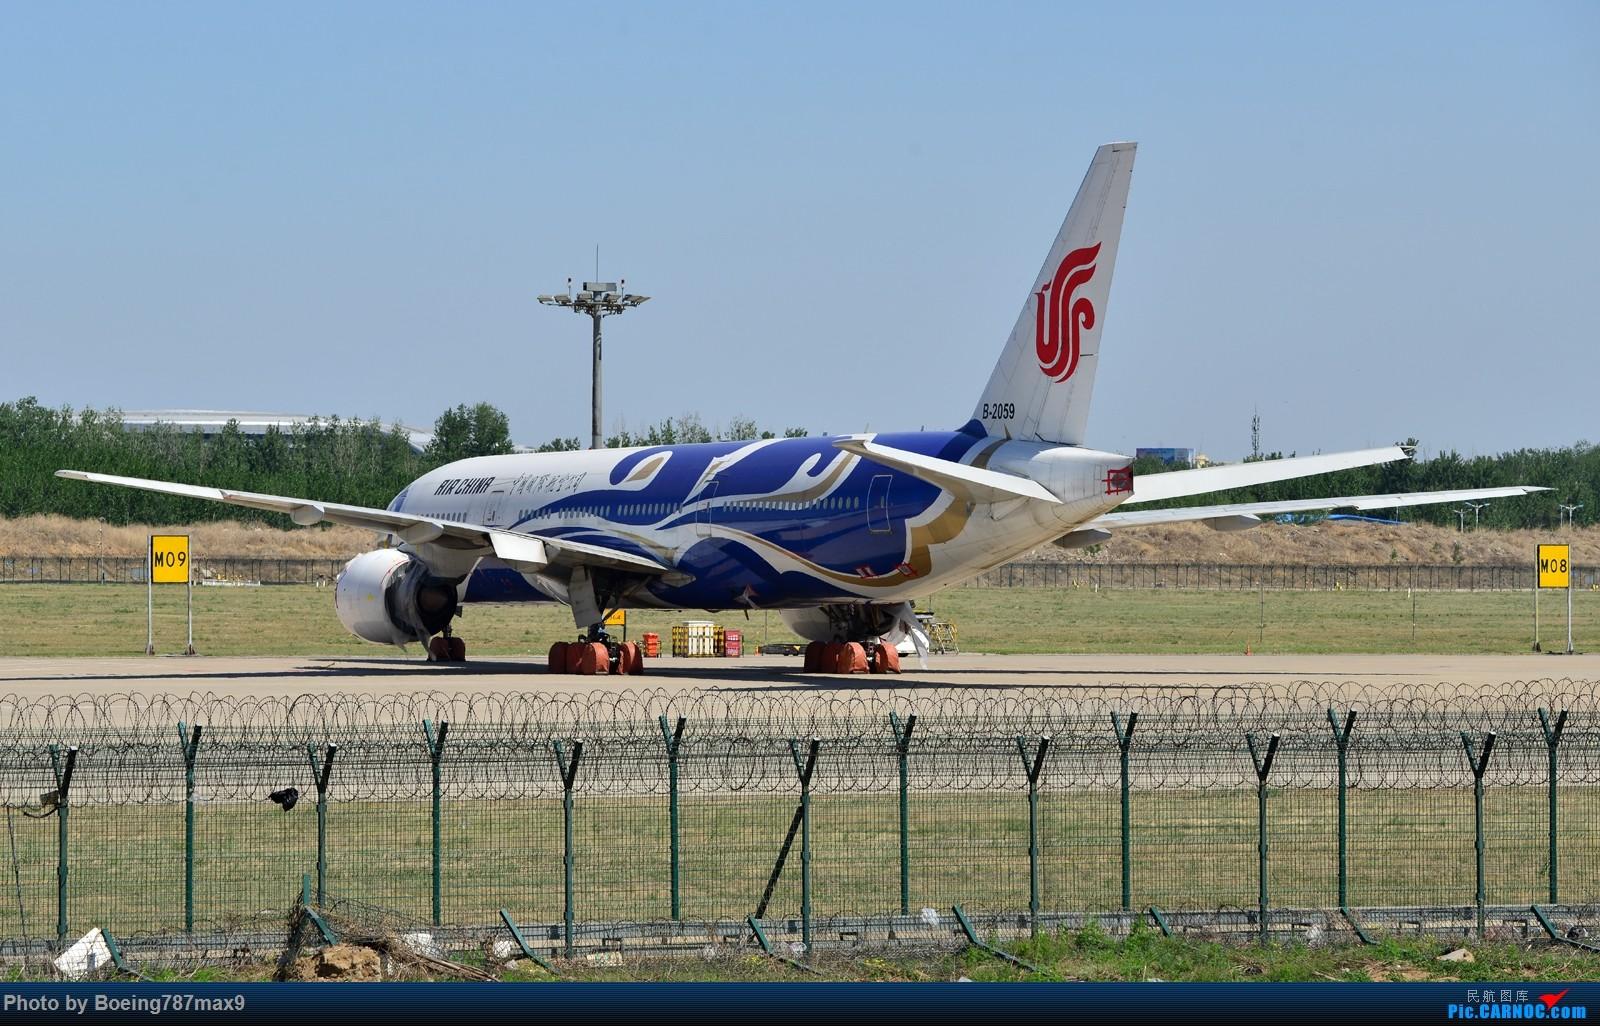 """[原创]【PEK】发张图纪念一下已经退役的""""水深"""",当然不能少了它的兄弟""""火热""""『1600*高清大图』 BOEING 777-200 B-2059 中国北京首都国际机场"""